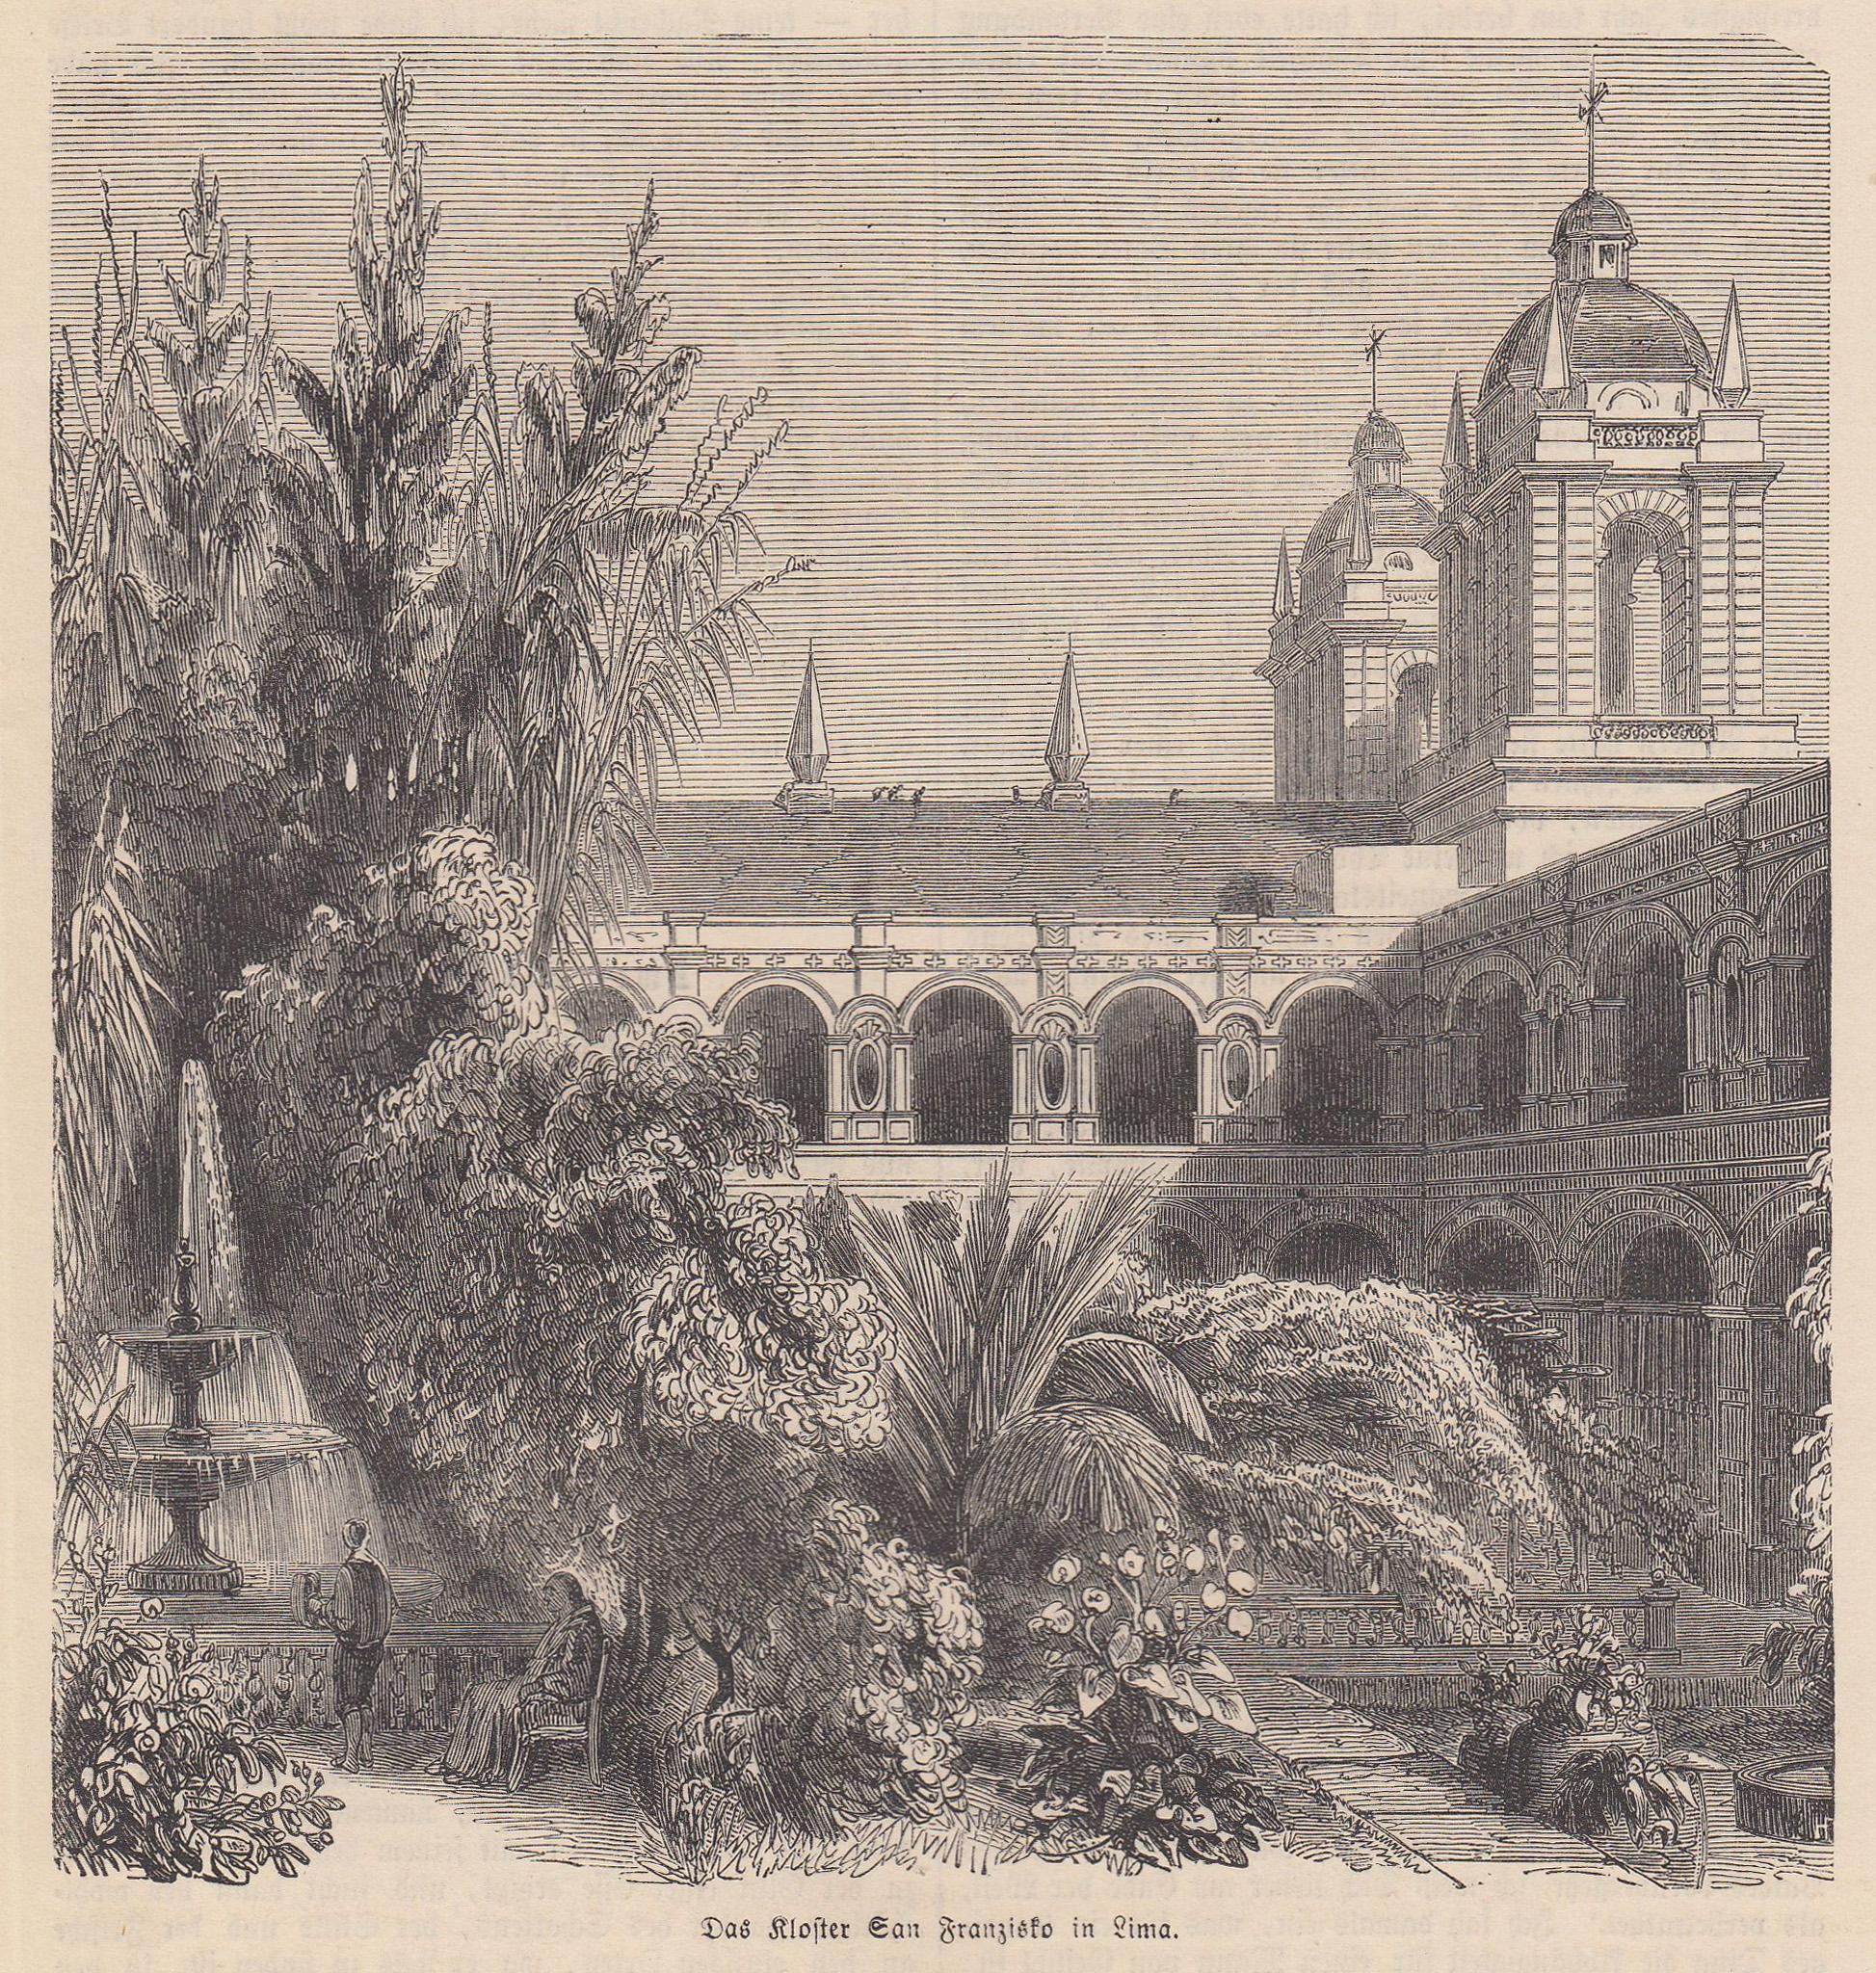 """TA., Kloster, """"Das Kloster San Franzisko in: Peru: Lima:"""